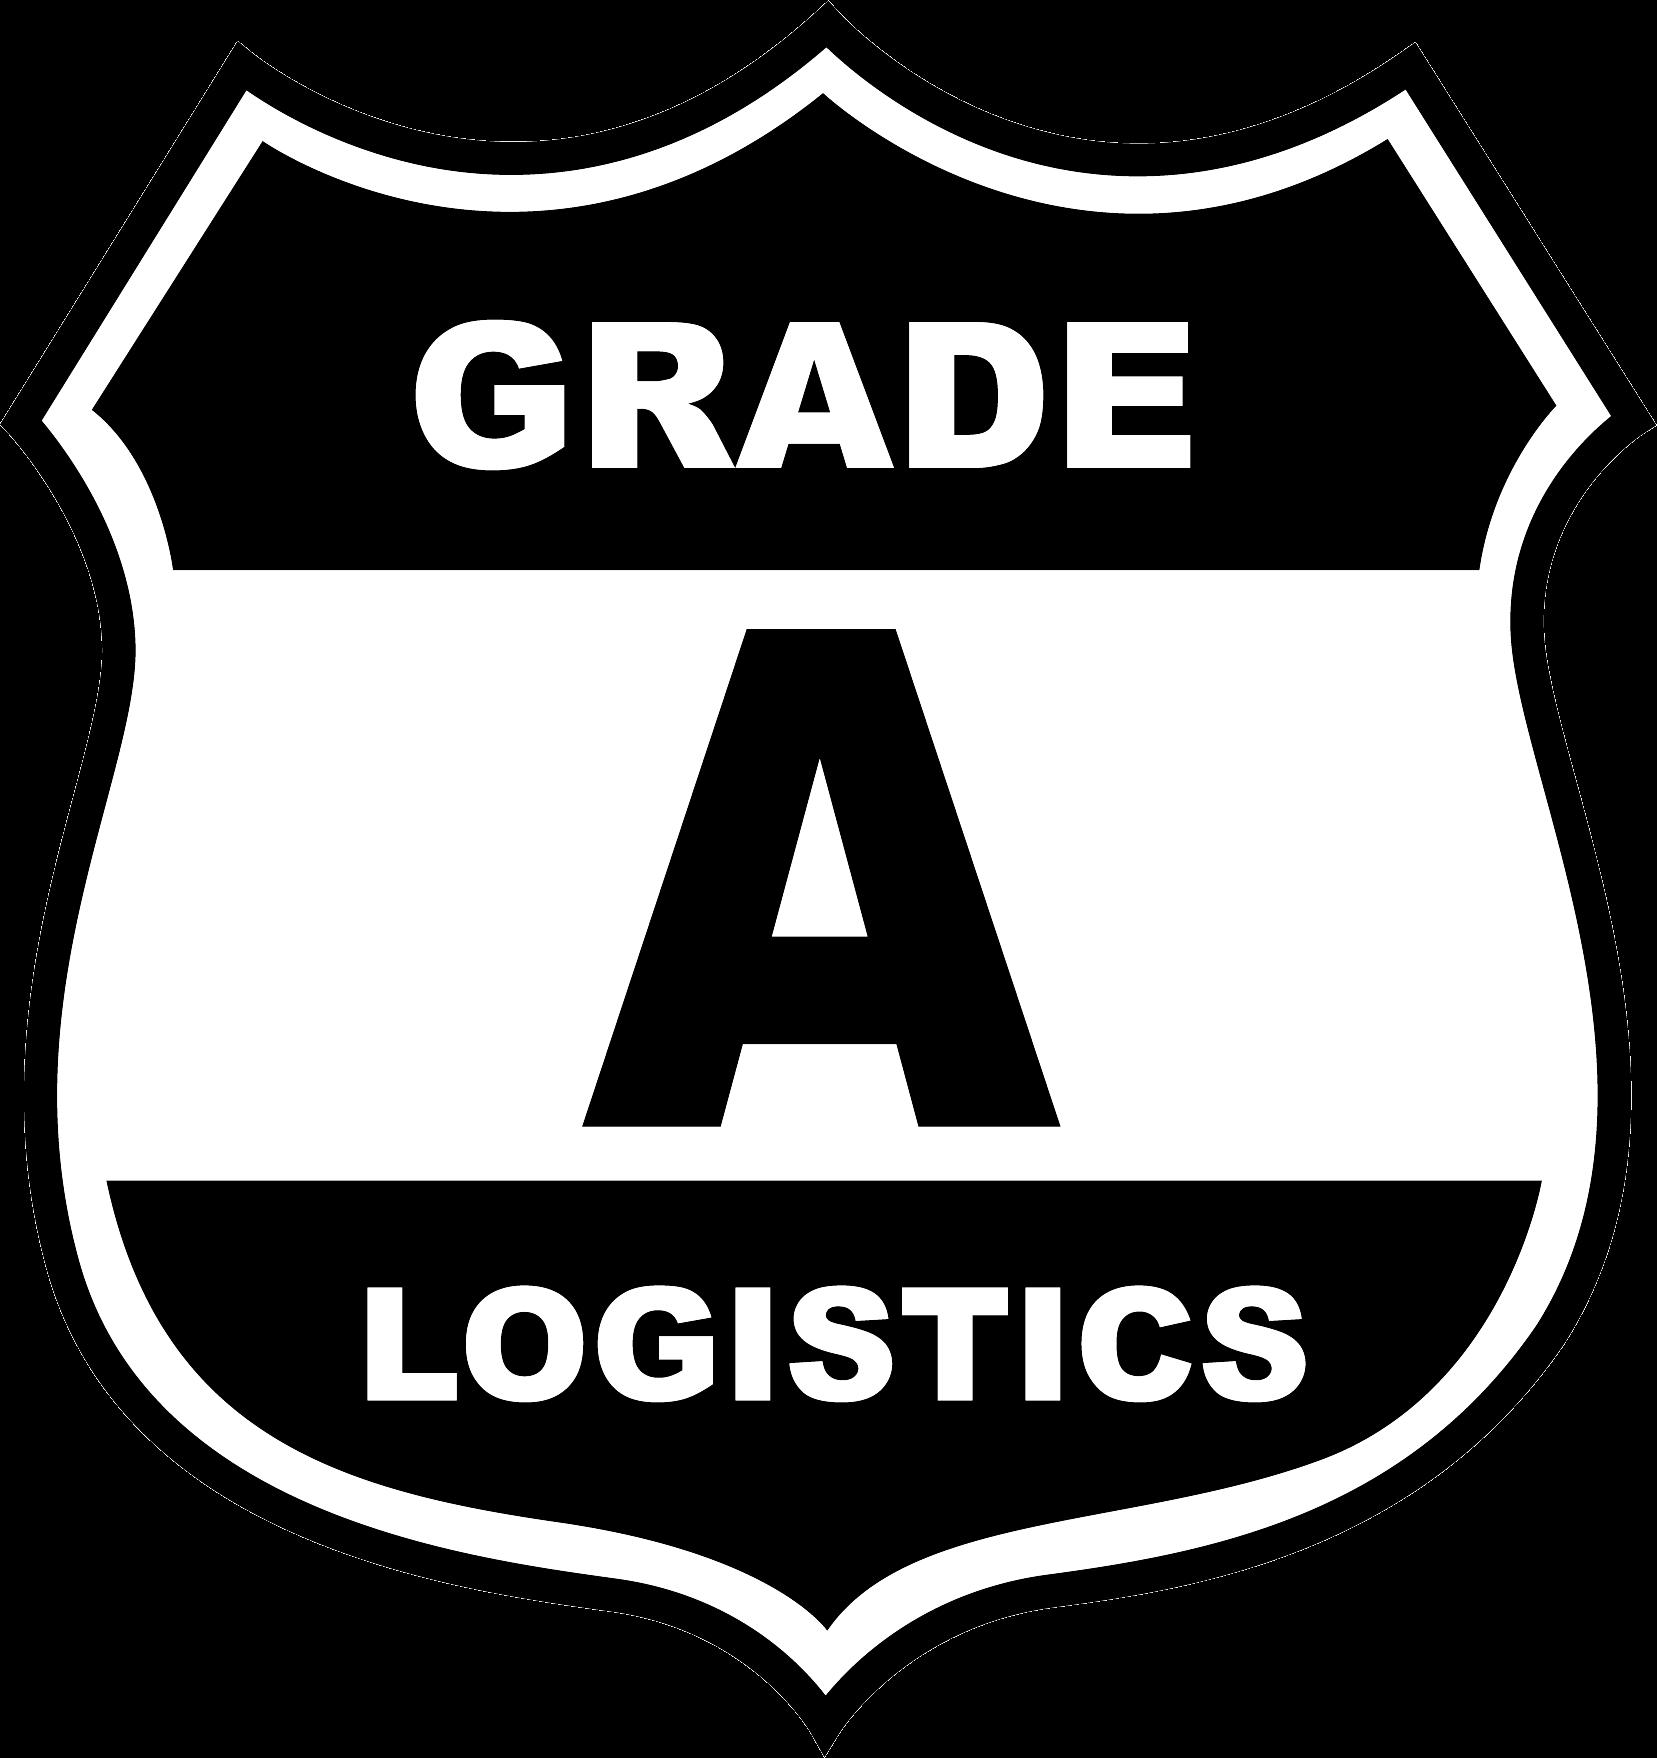 Grade A Logistics